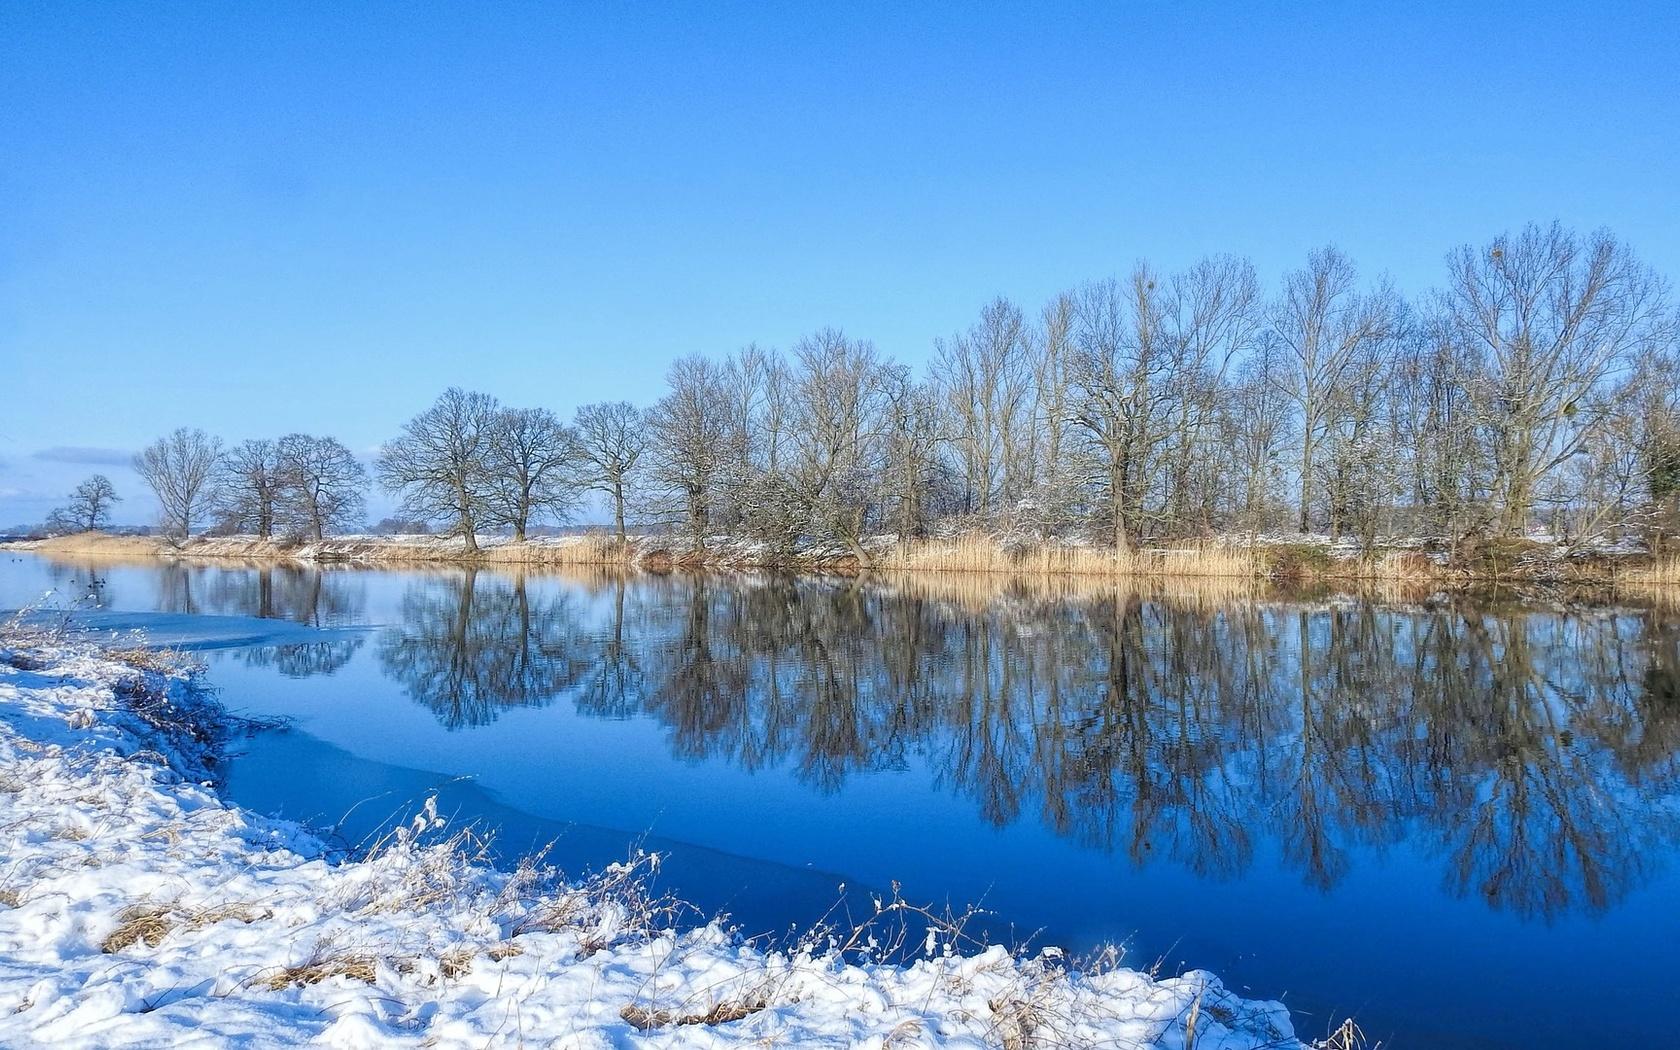 река, отражение, деревья, снег